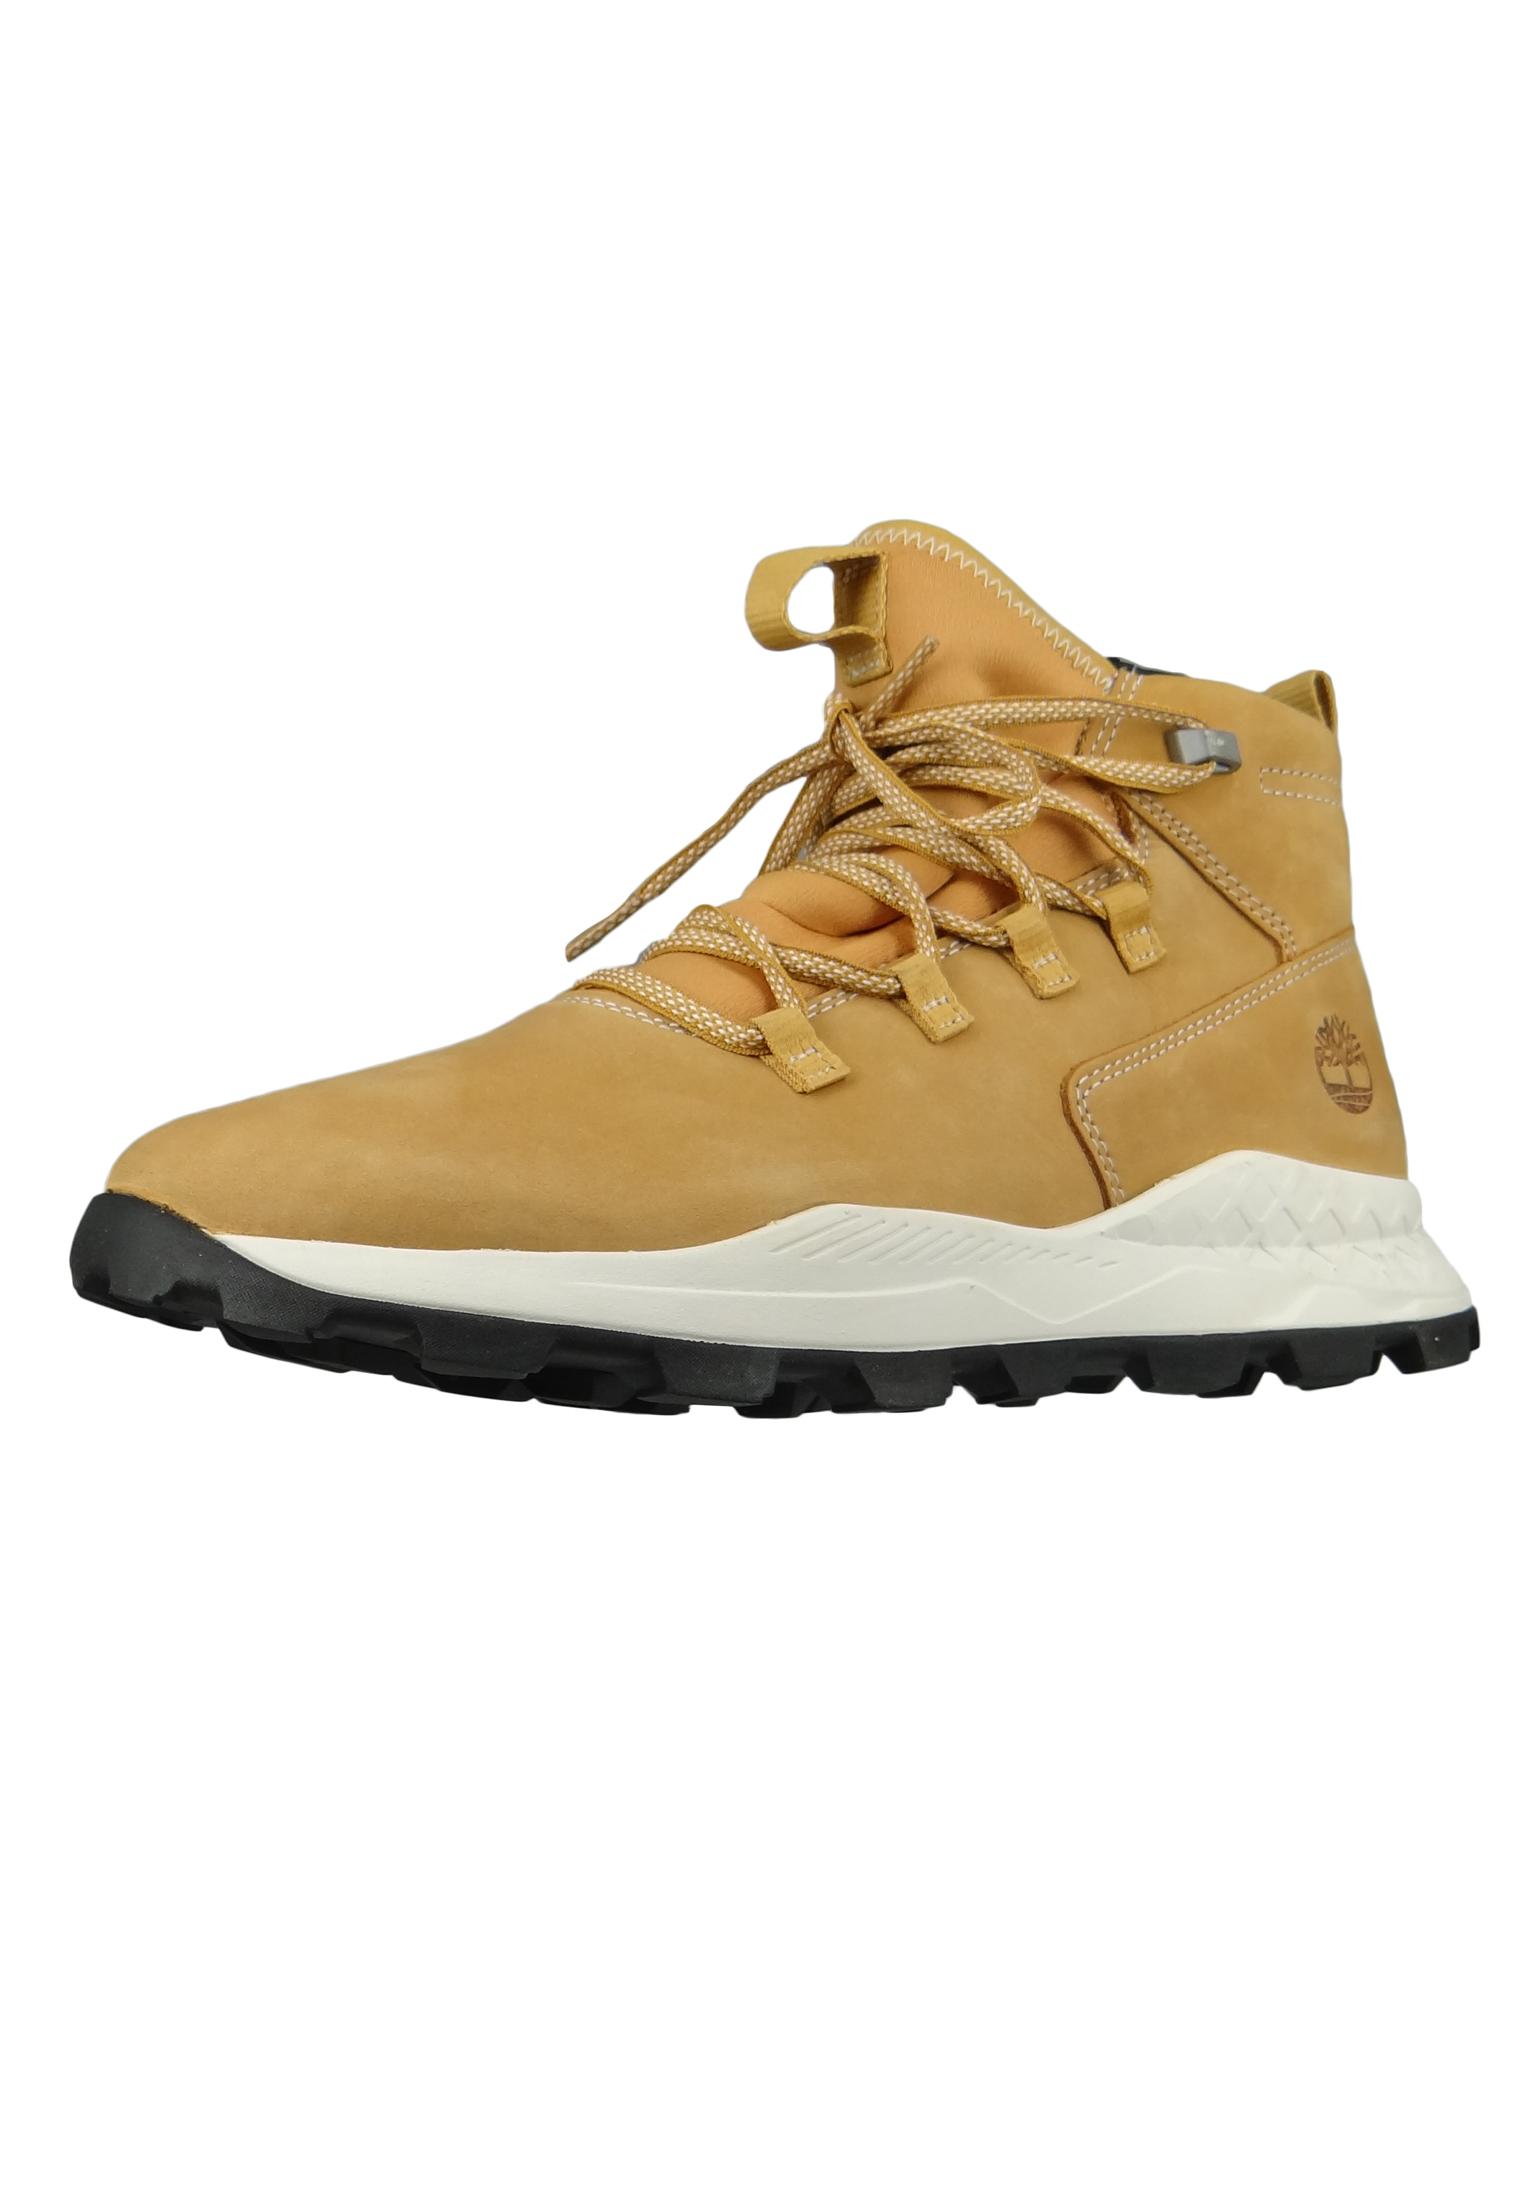 timberland boots geeignet für alpine wanderung